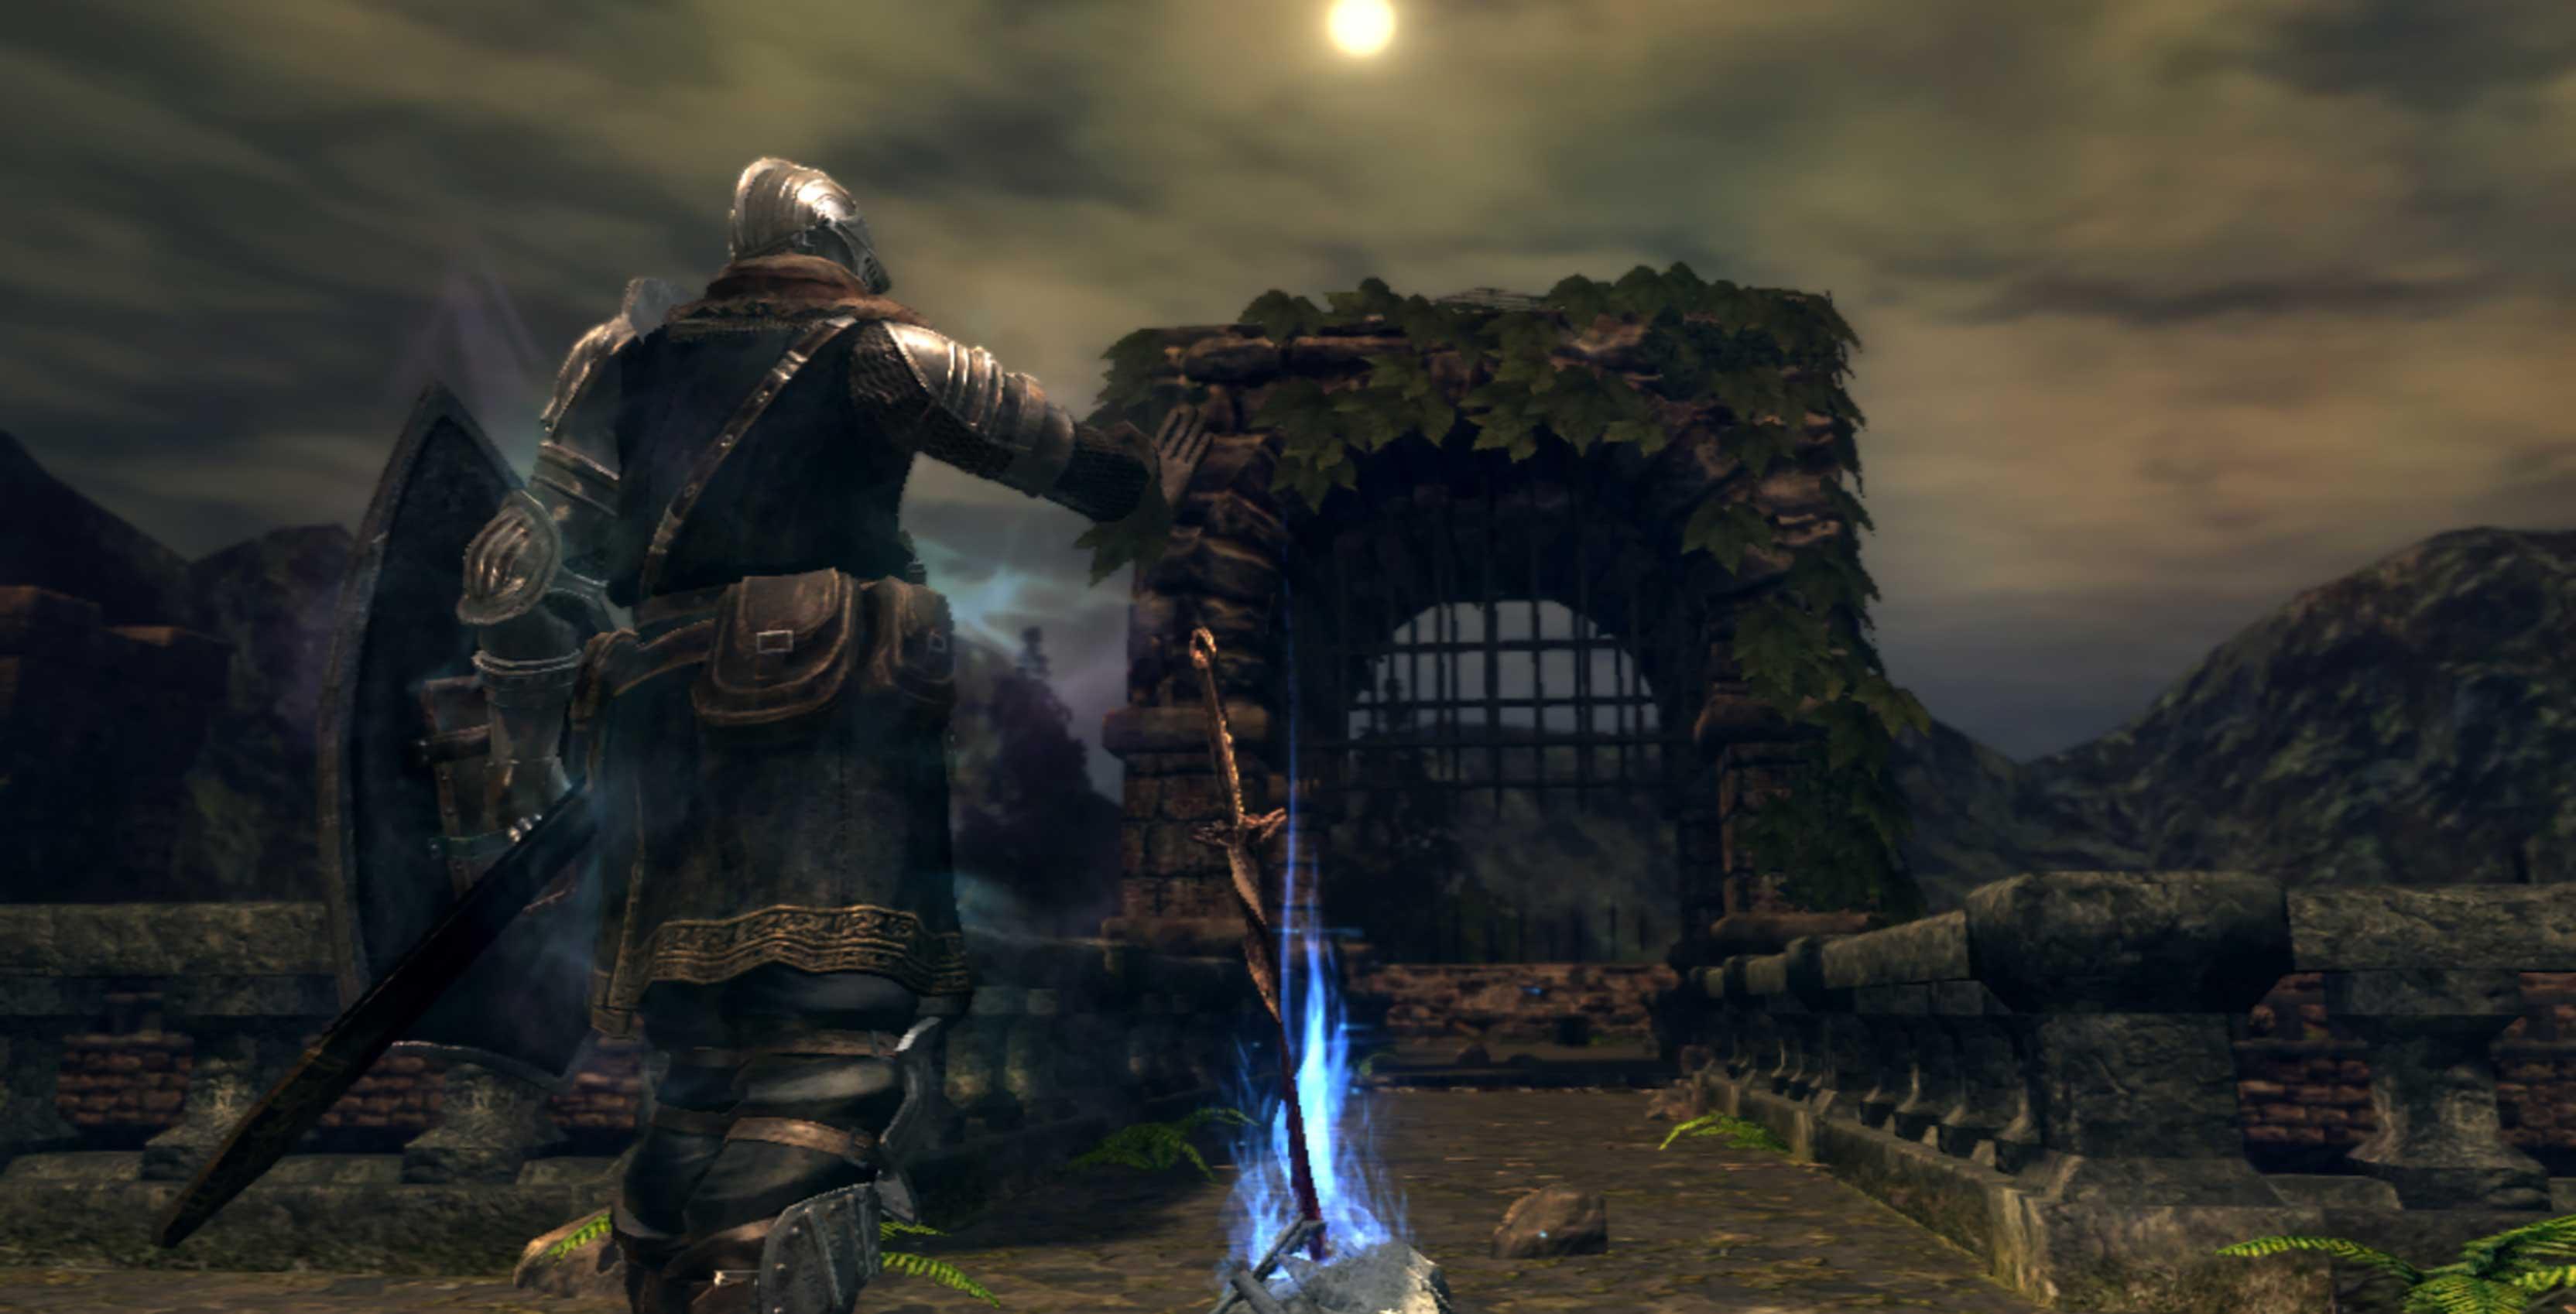 Dark Souls Knight at bonfire